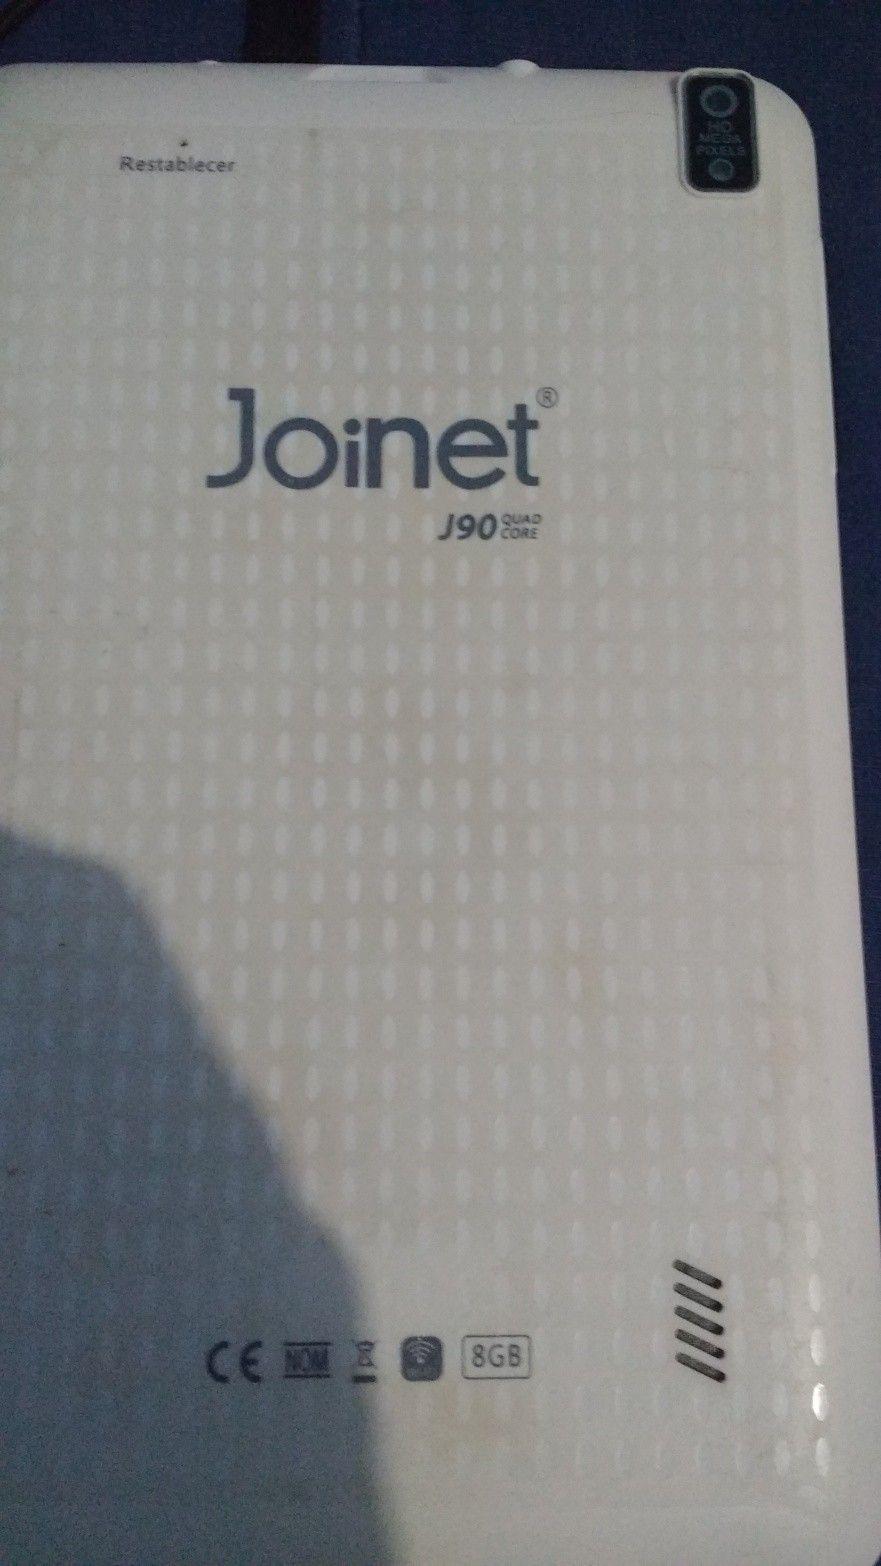 Tablet Joinet J90 Quadcore no pasa del logo ak60-kn3-net_c_9_6_3_c_e_9e1-jpg.288288